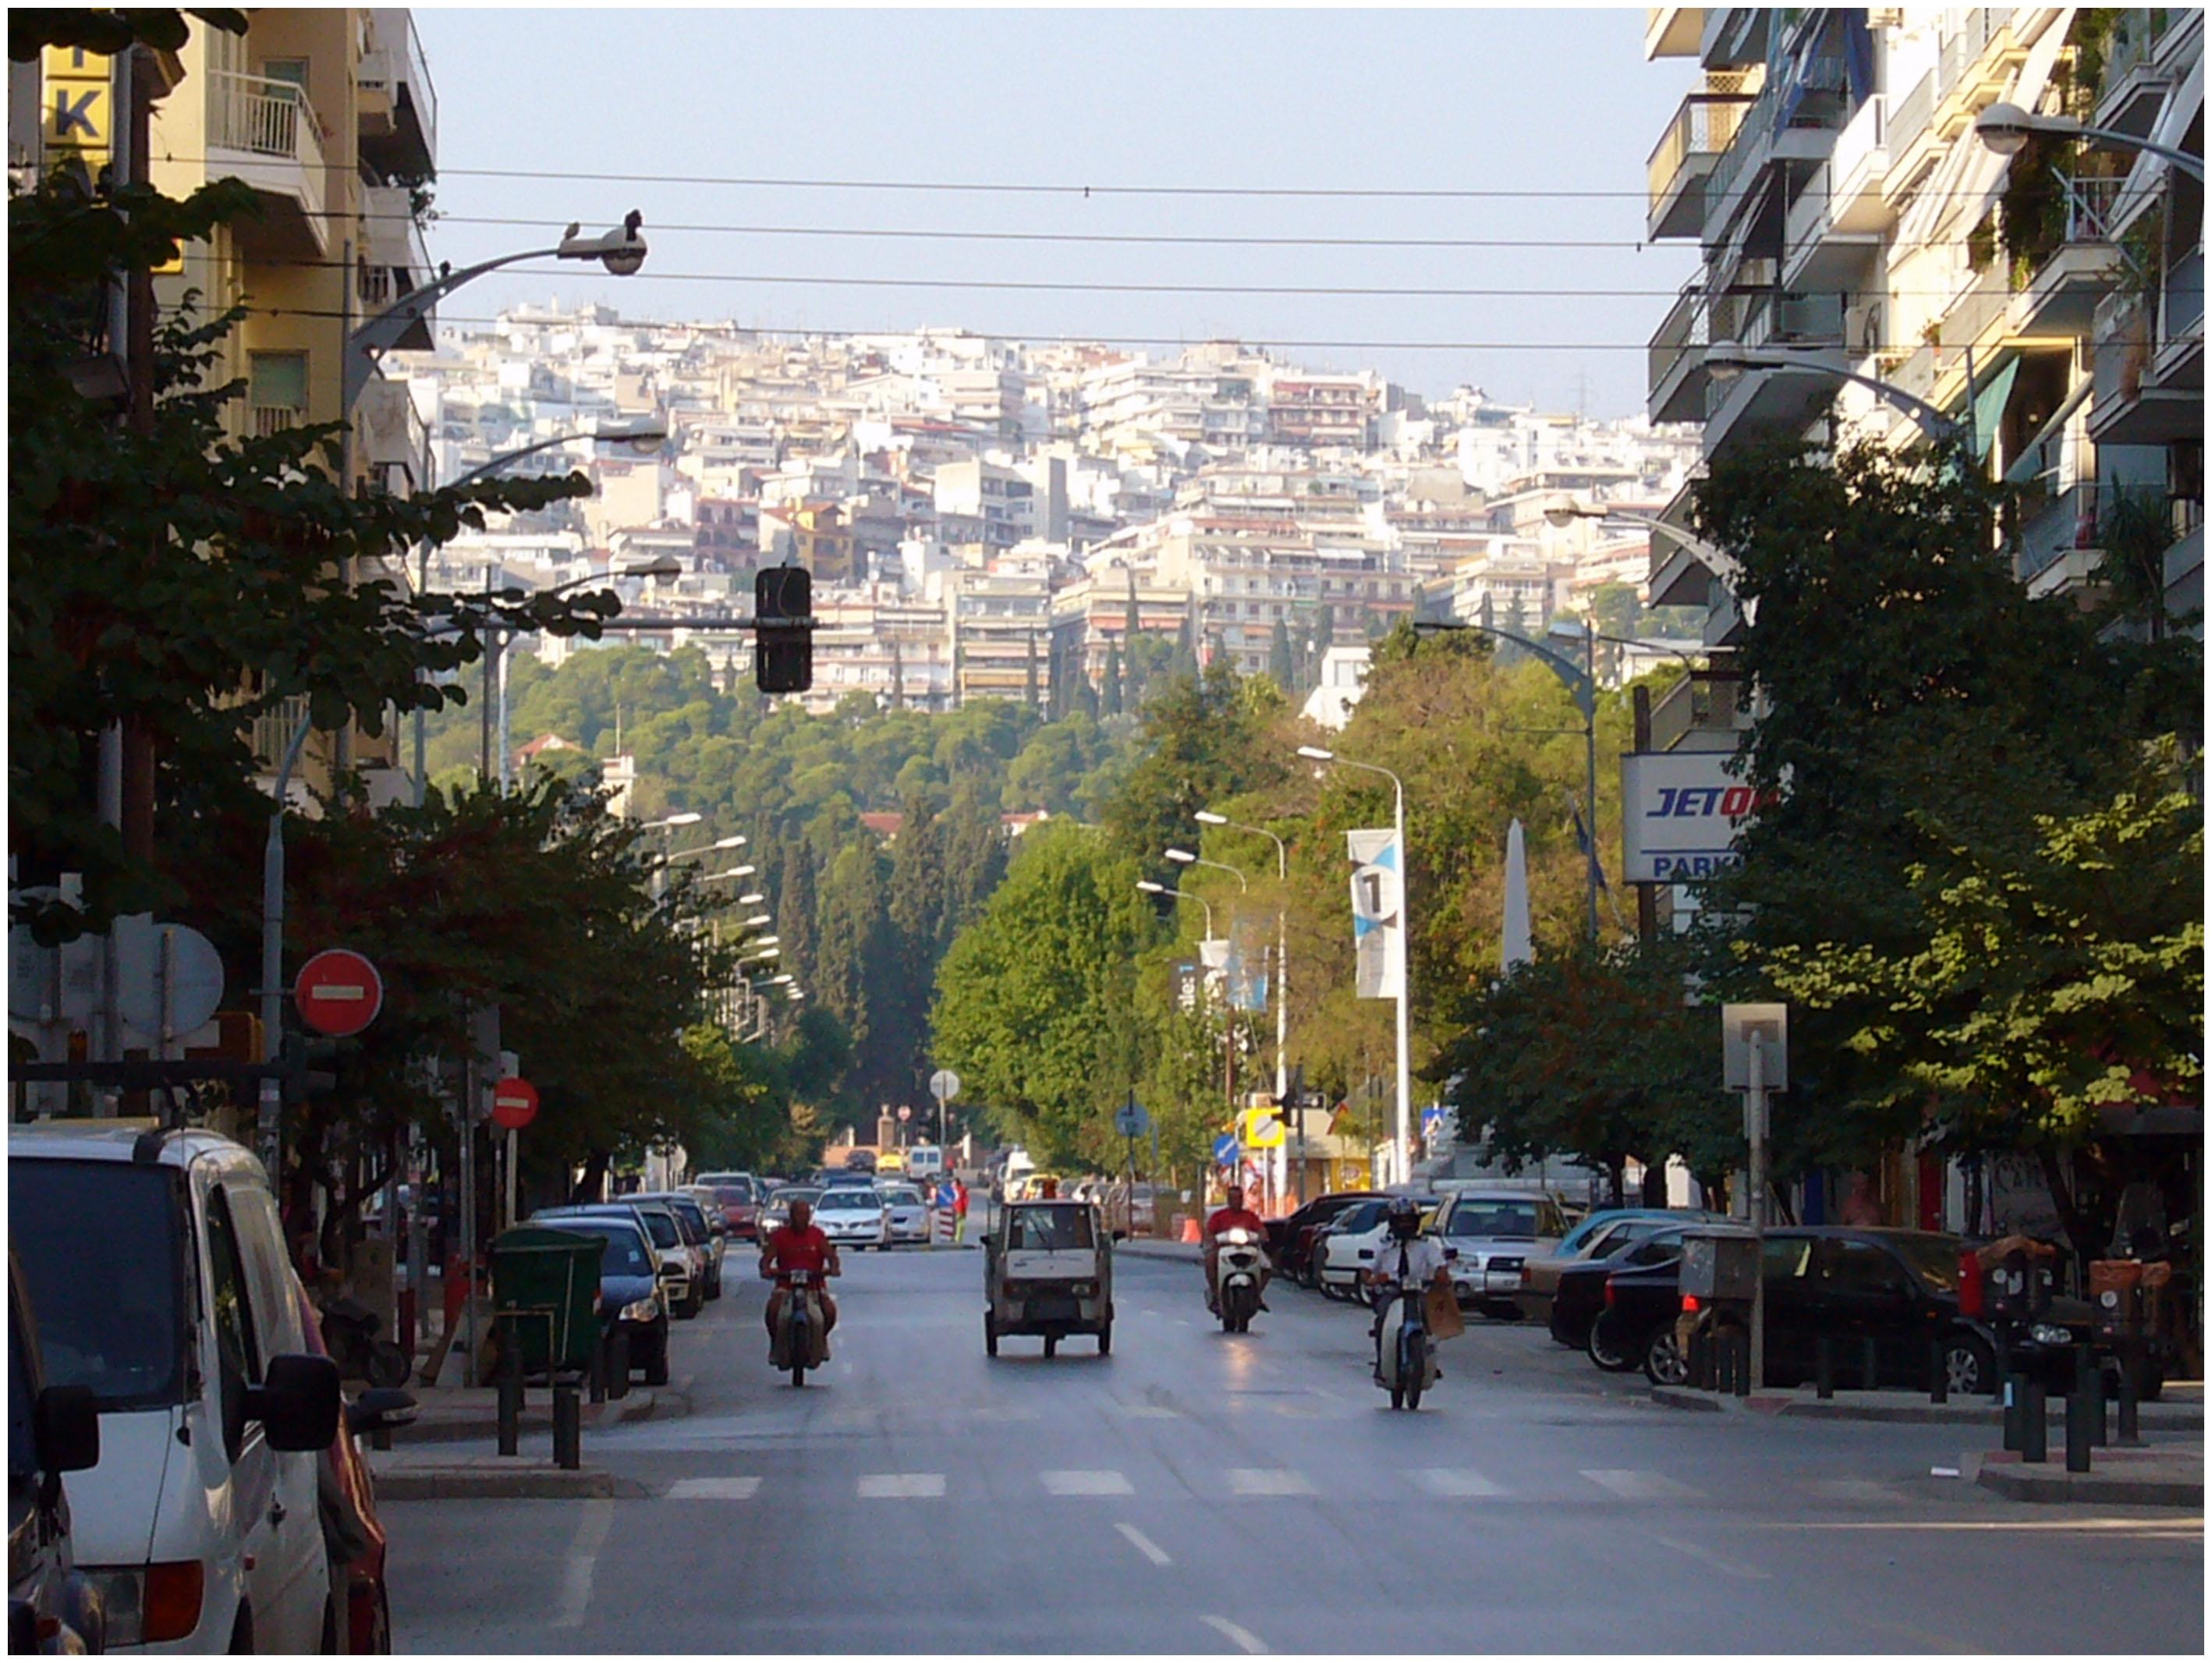 Salonic, Grecia 1